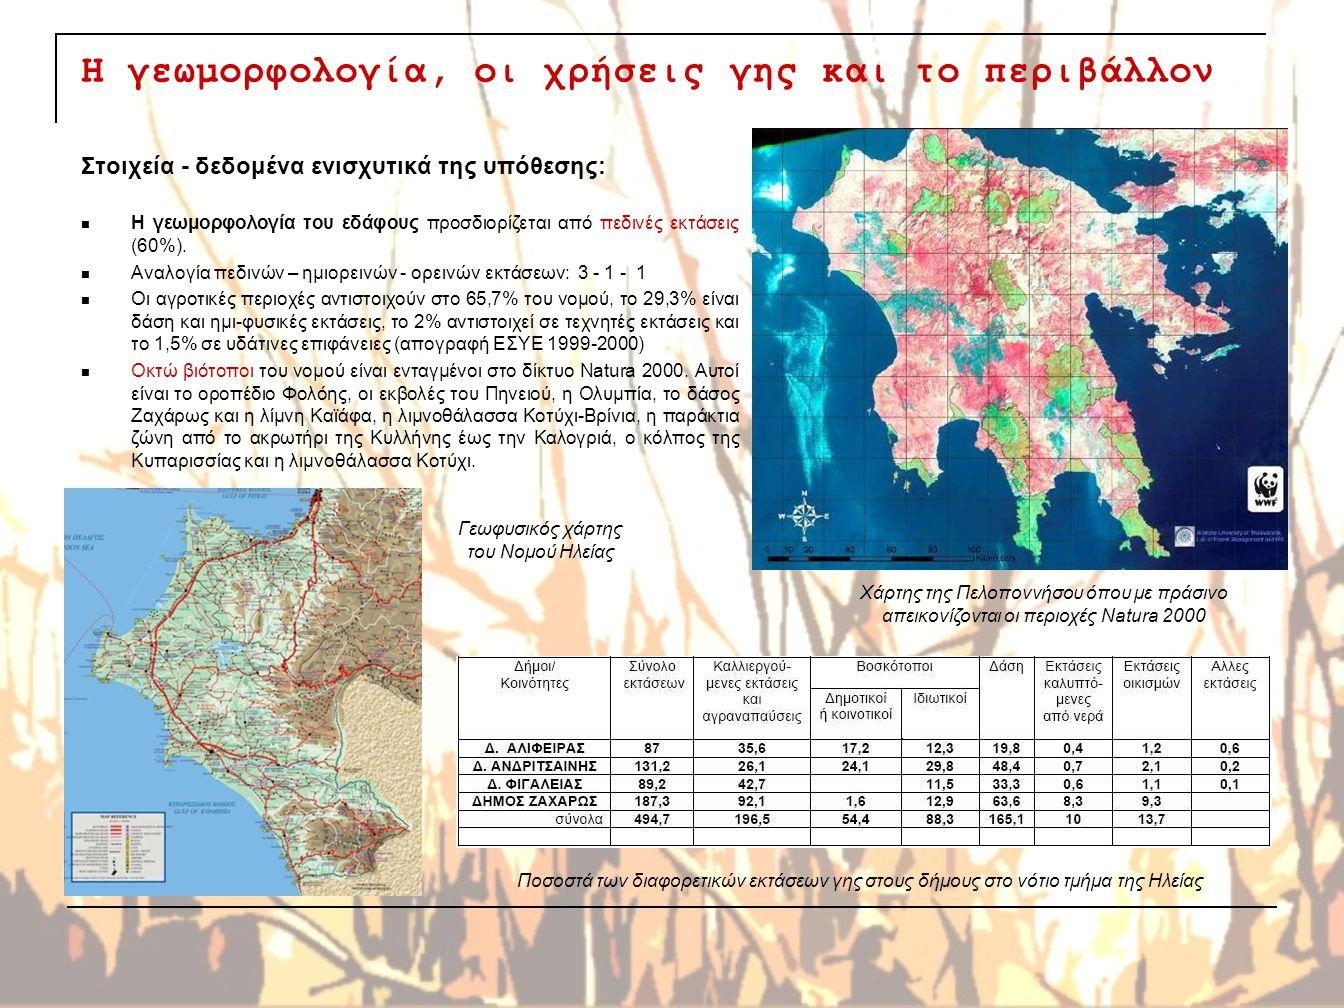 Η γεωμορφολογία, οι χρήσεις γης και το περιβάλλον